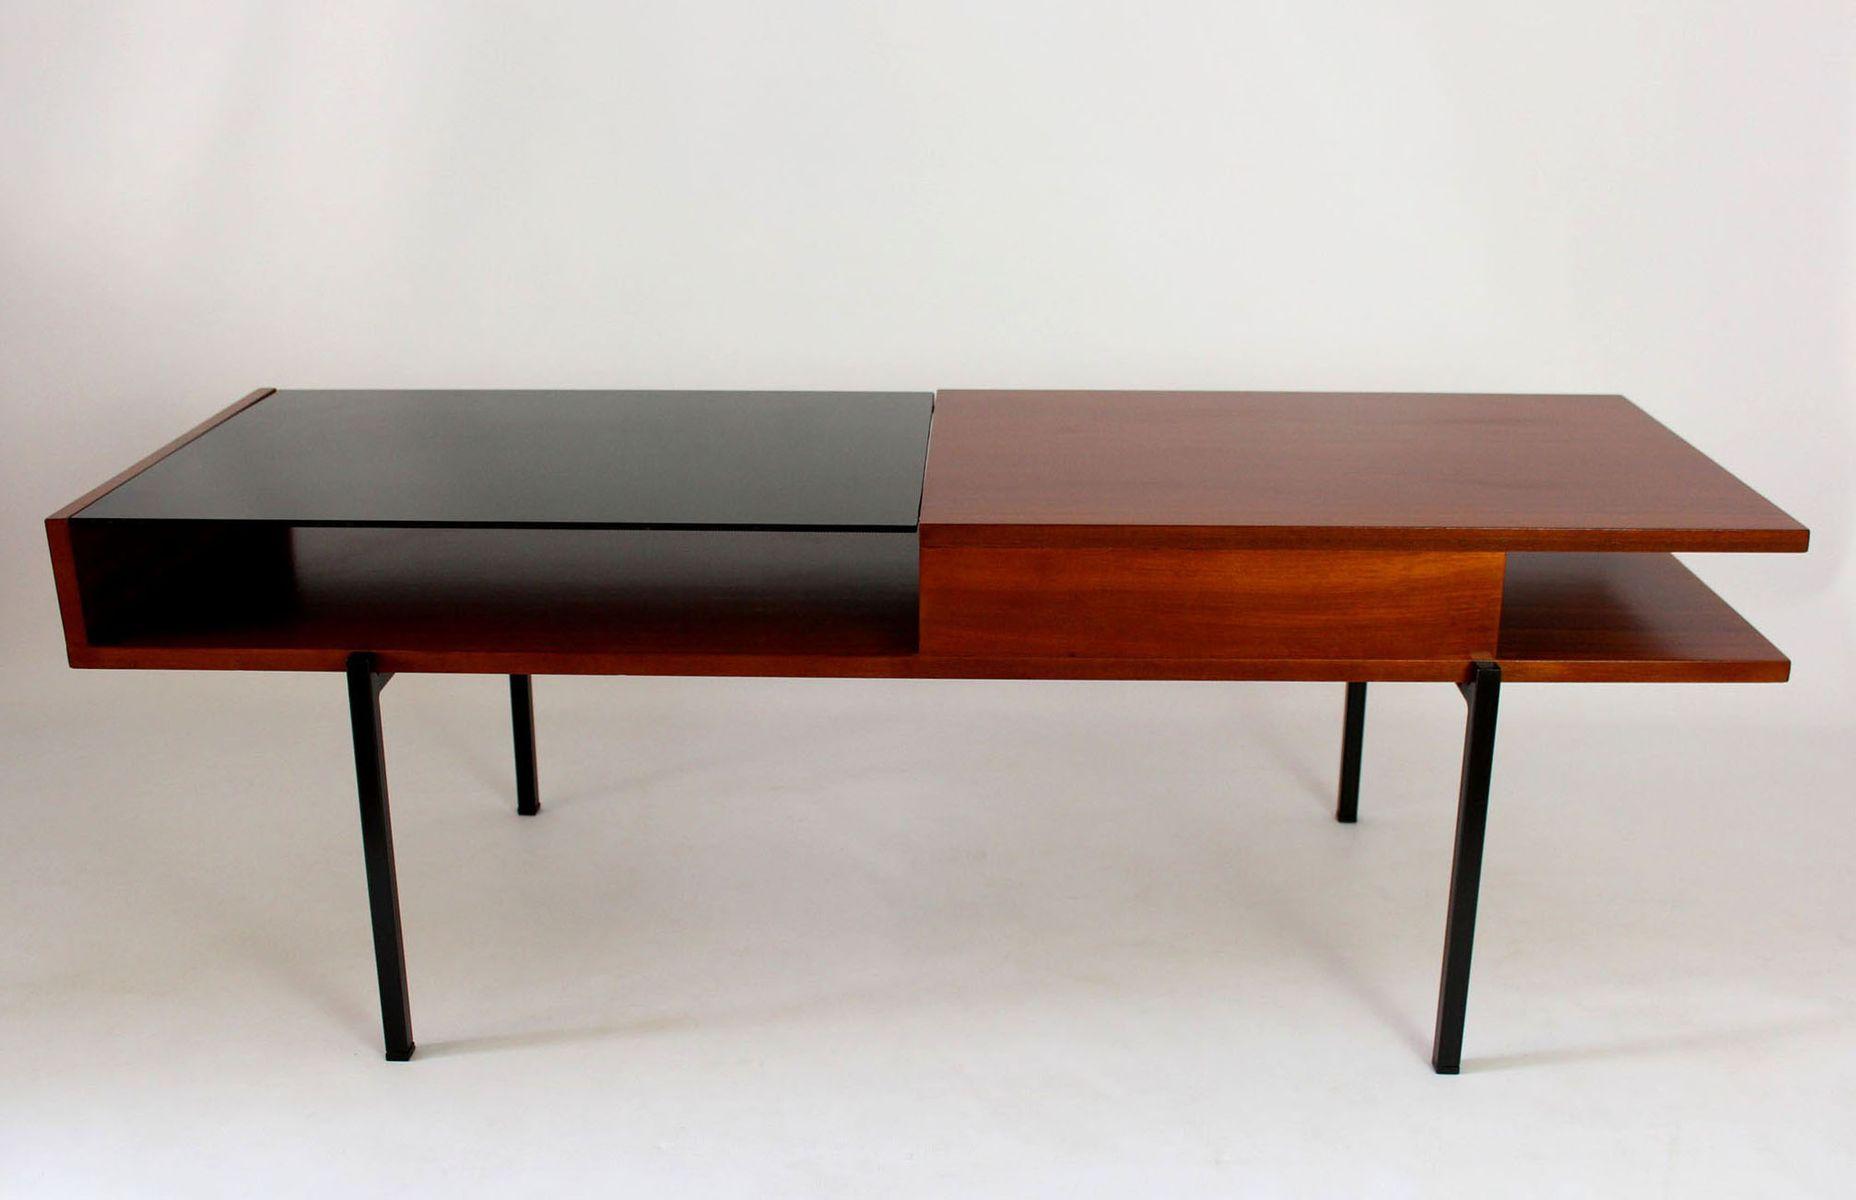 table basse en acajou avec verre noir 1970s en vente sur pamono. Black Bedroom Furniture Sets. Home Design Ideas